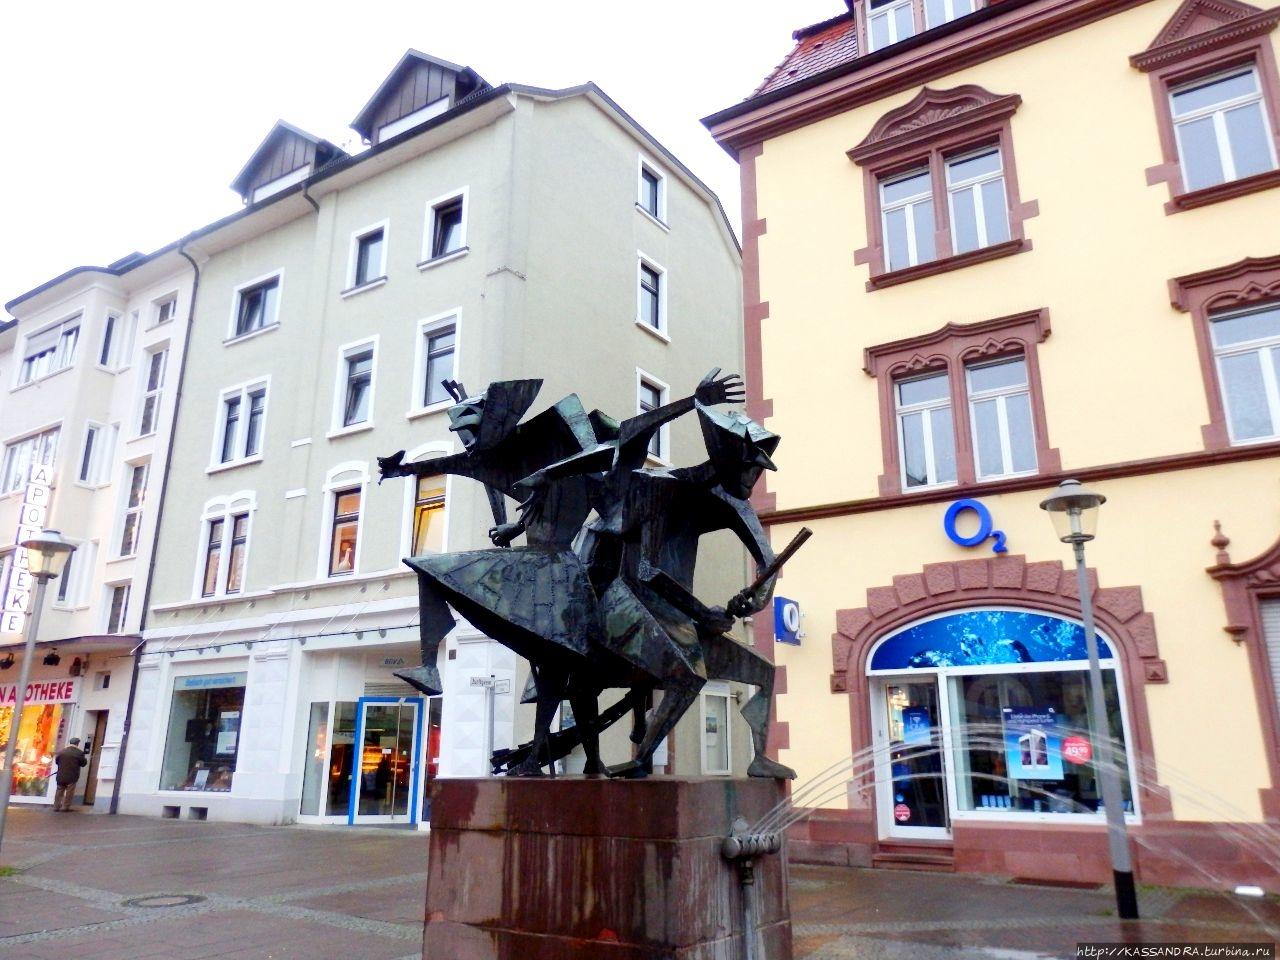 Истории из жизни Оффенбурга Оффенбург, Германия